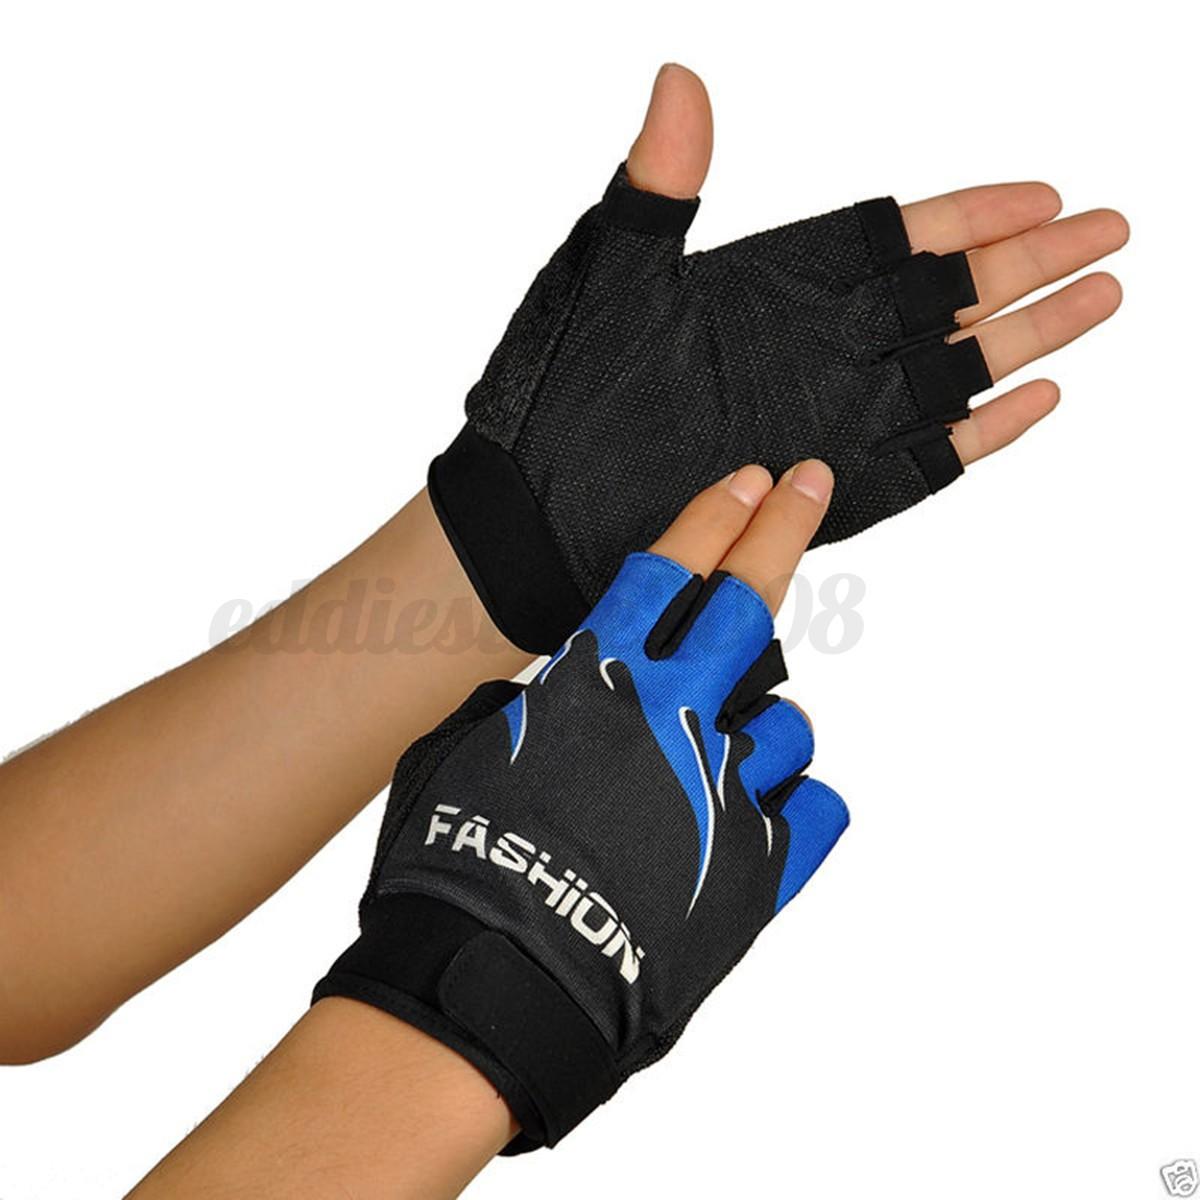 Sport Motorcycle Gloves: GEL SPORT BIKE BICYCLE CYCLING MOTORCYCLE HALF FINGER